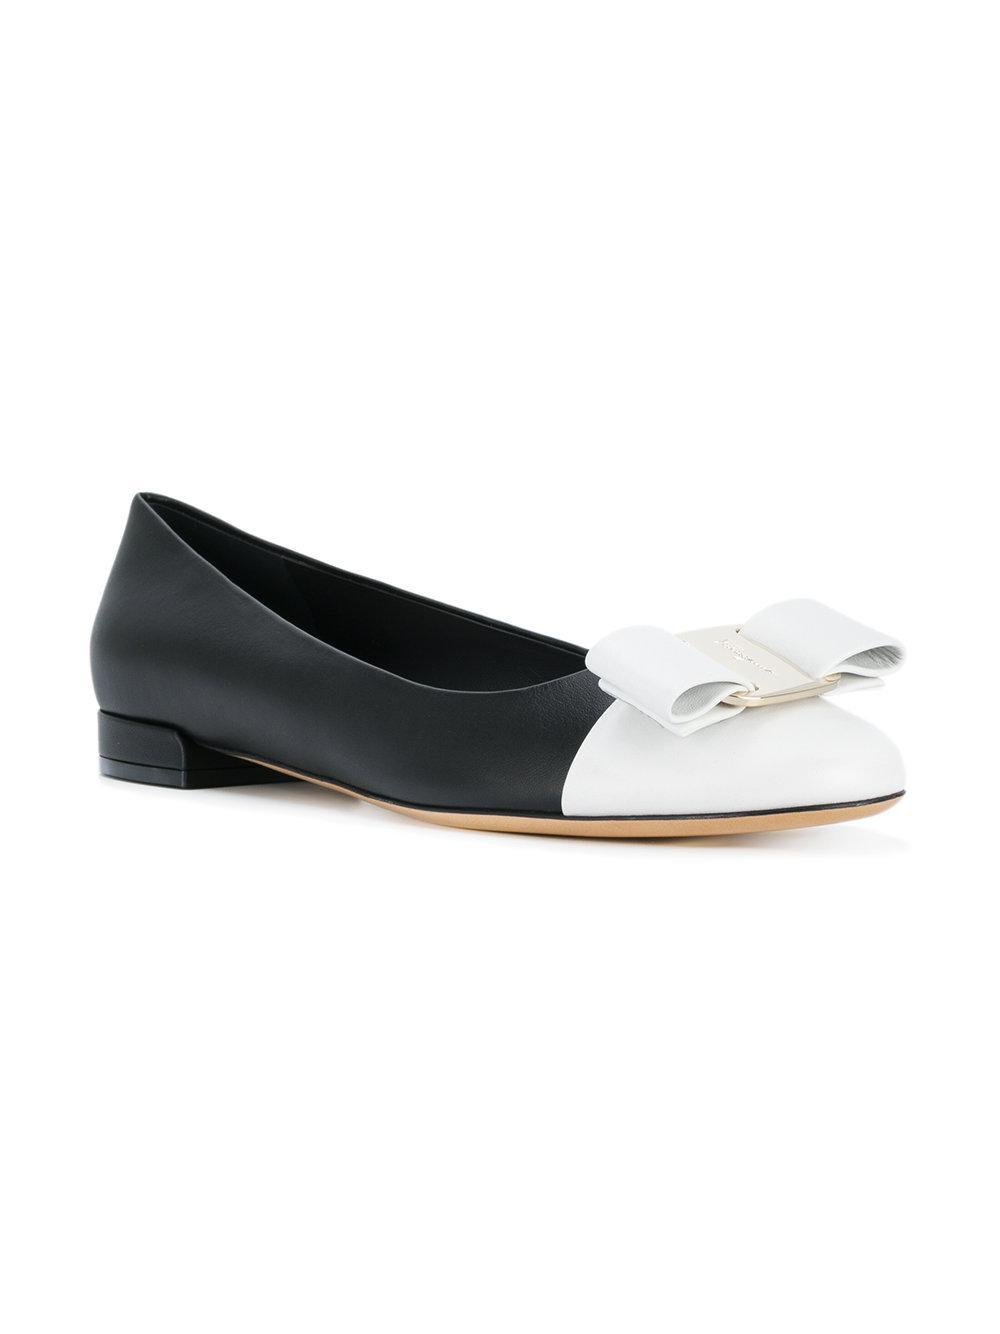 61e3d26d482d Ferragamo Varina Ballerina Shoes in Black - Save 24.1014799154334 ...